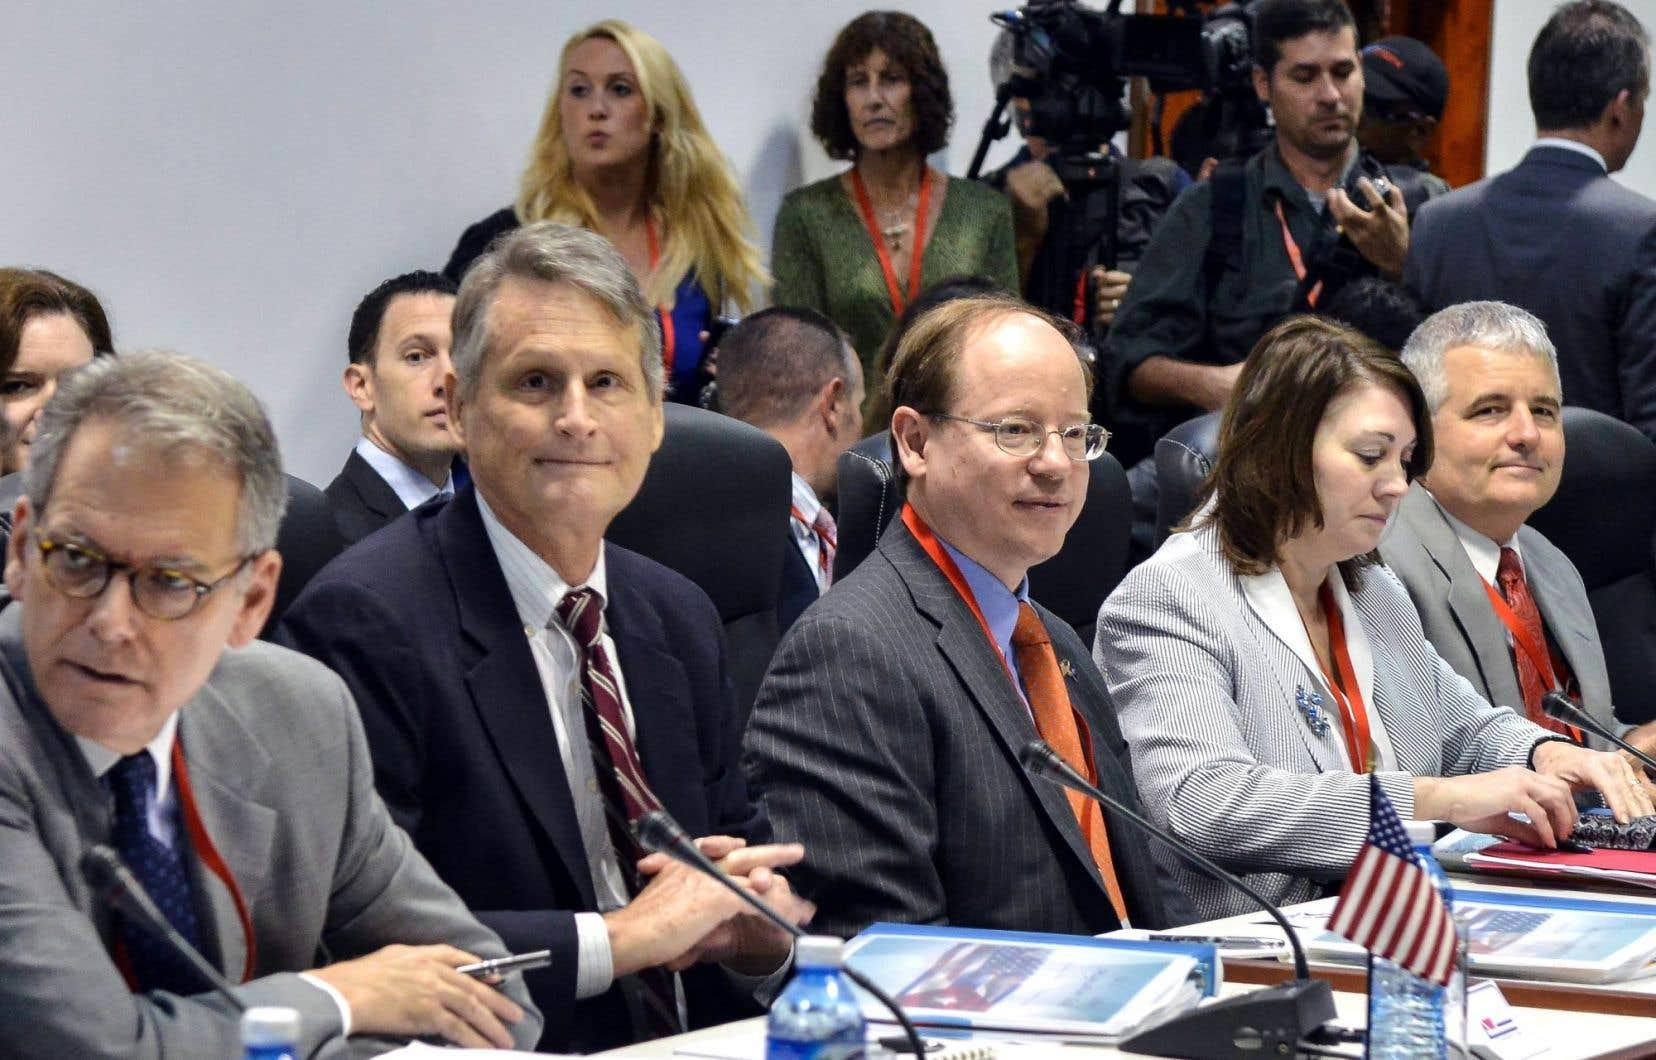 Les membres de la délégation américaine étaient tout sourire au début des discussions mercredi.